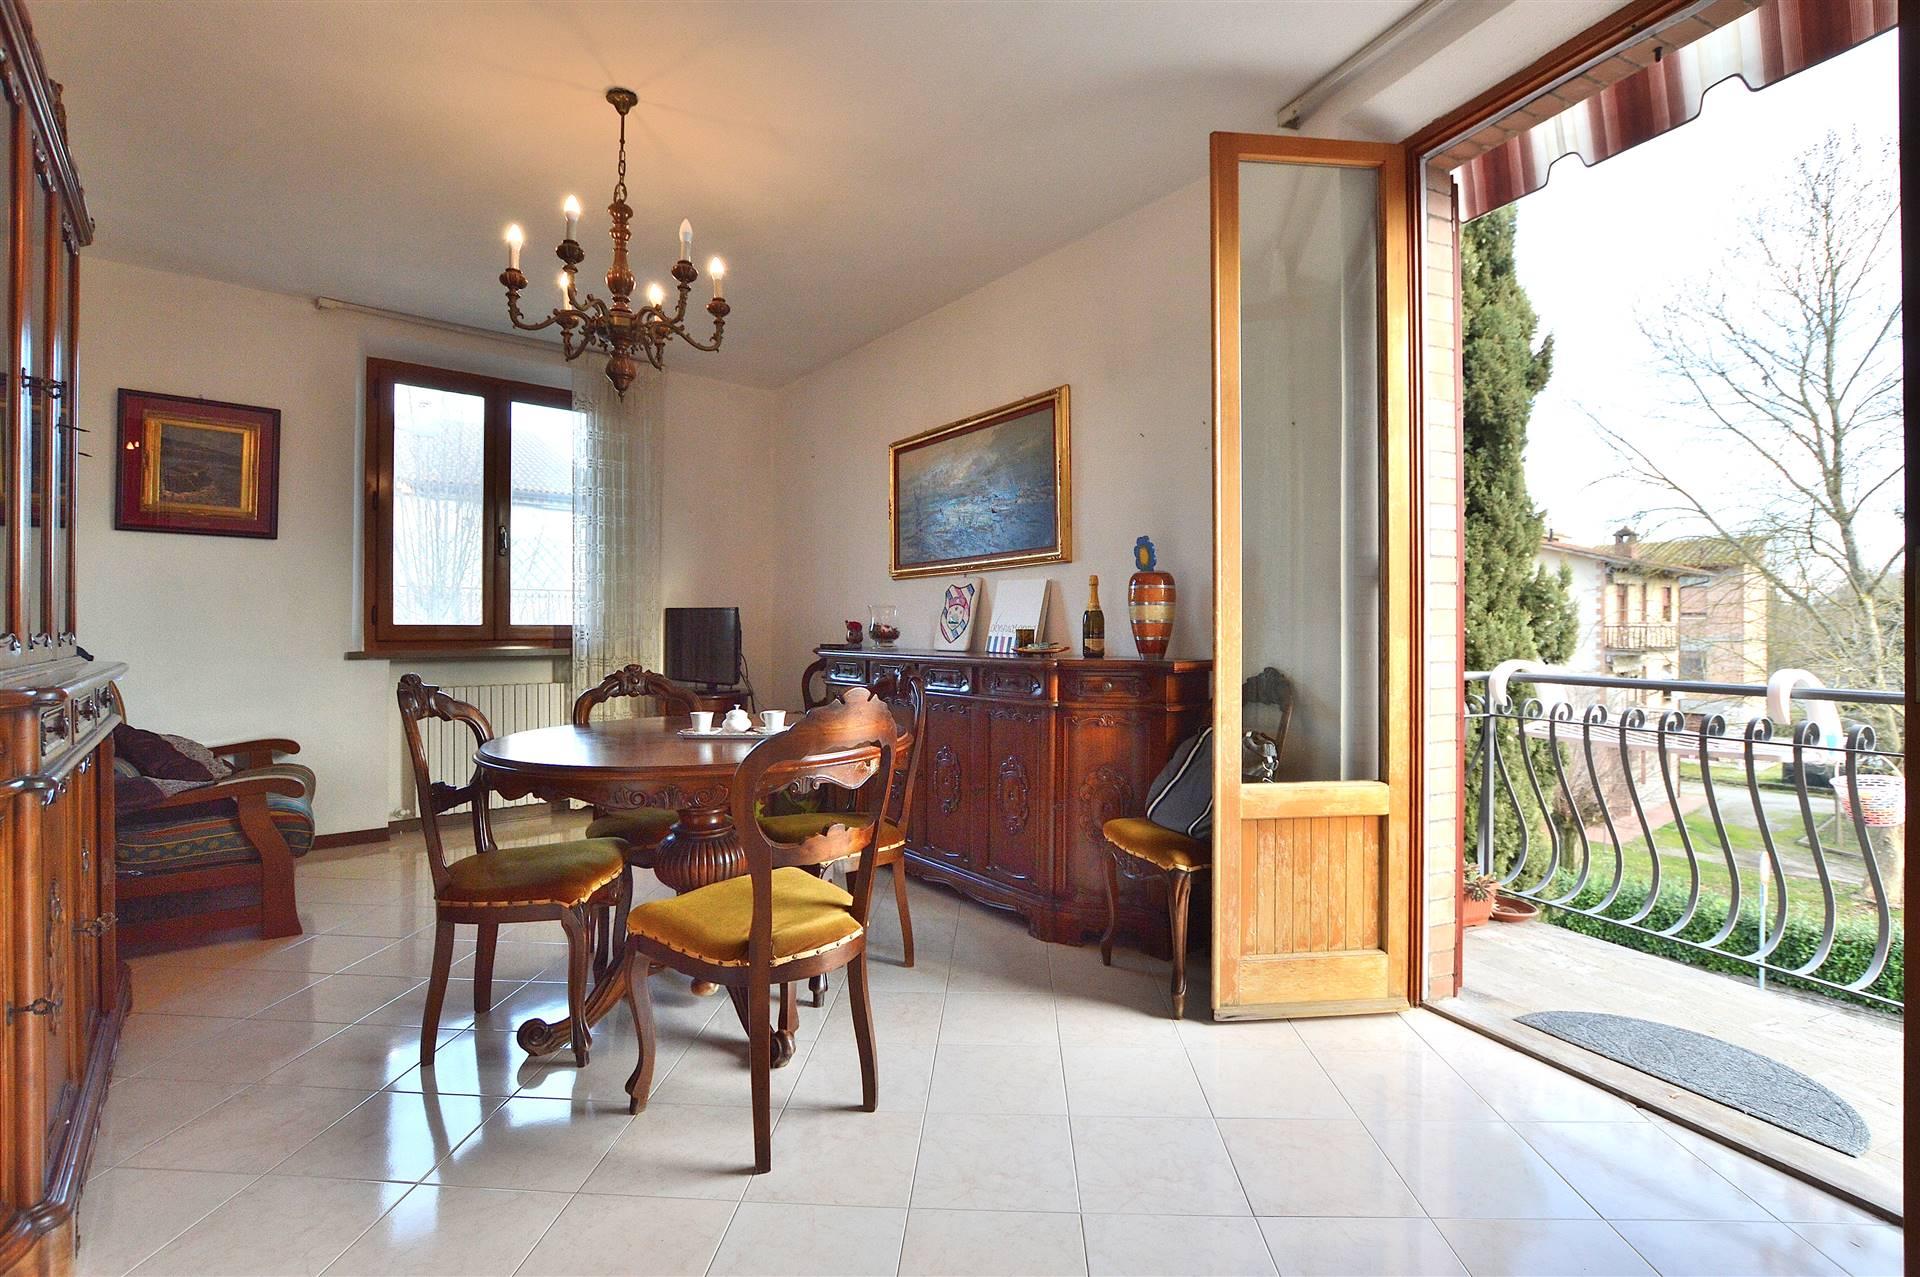 Monteroni d'Arbia, in piacevole contesto residenziale, proponiamo appartamento con resede privato posto al secondo ed ultimo piano all'interno di una villetta bifamiliare in mattoni faccia vista